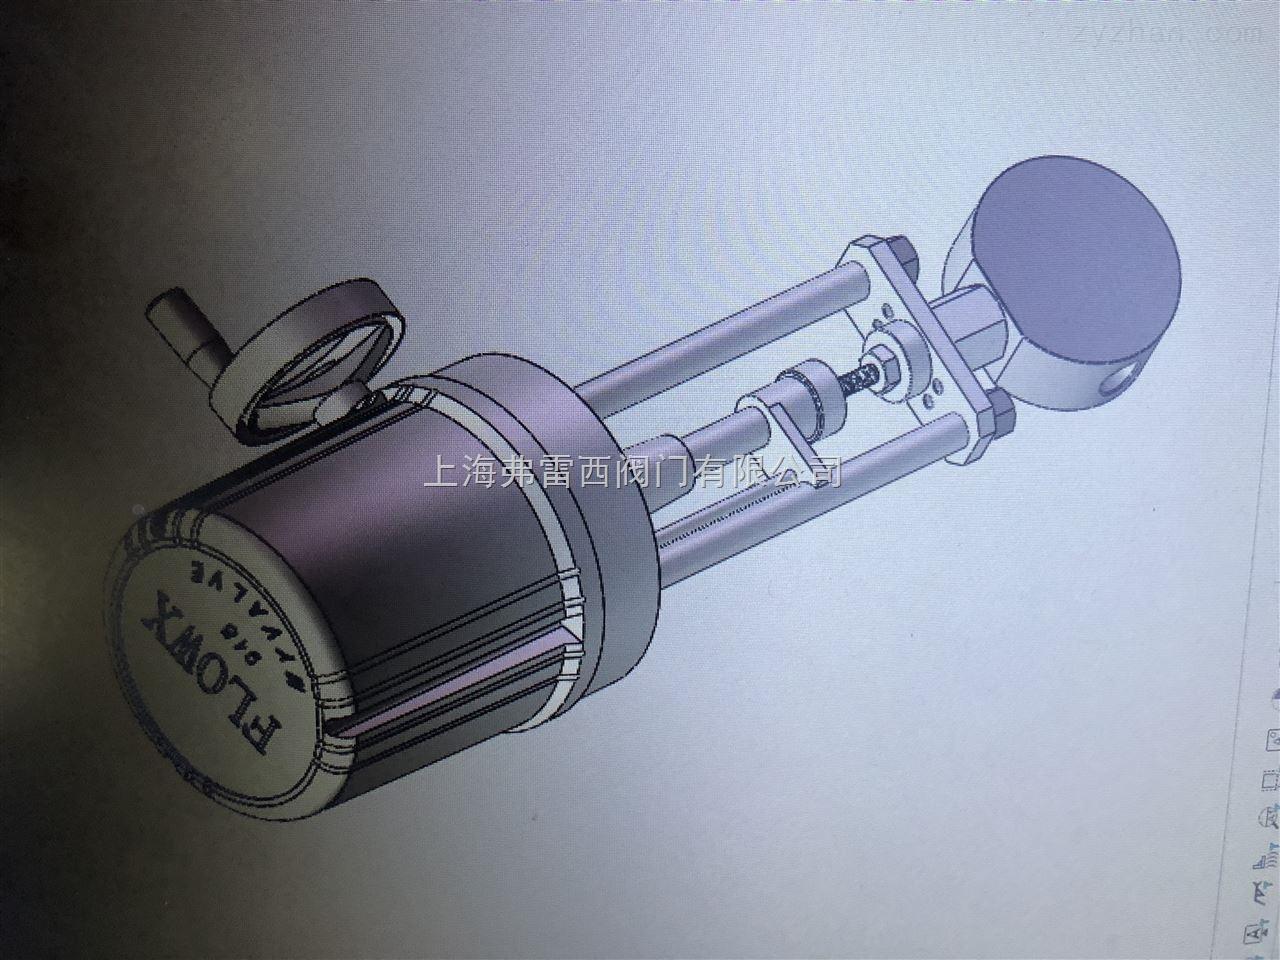 电动针阀作开启或切断管道通路用